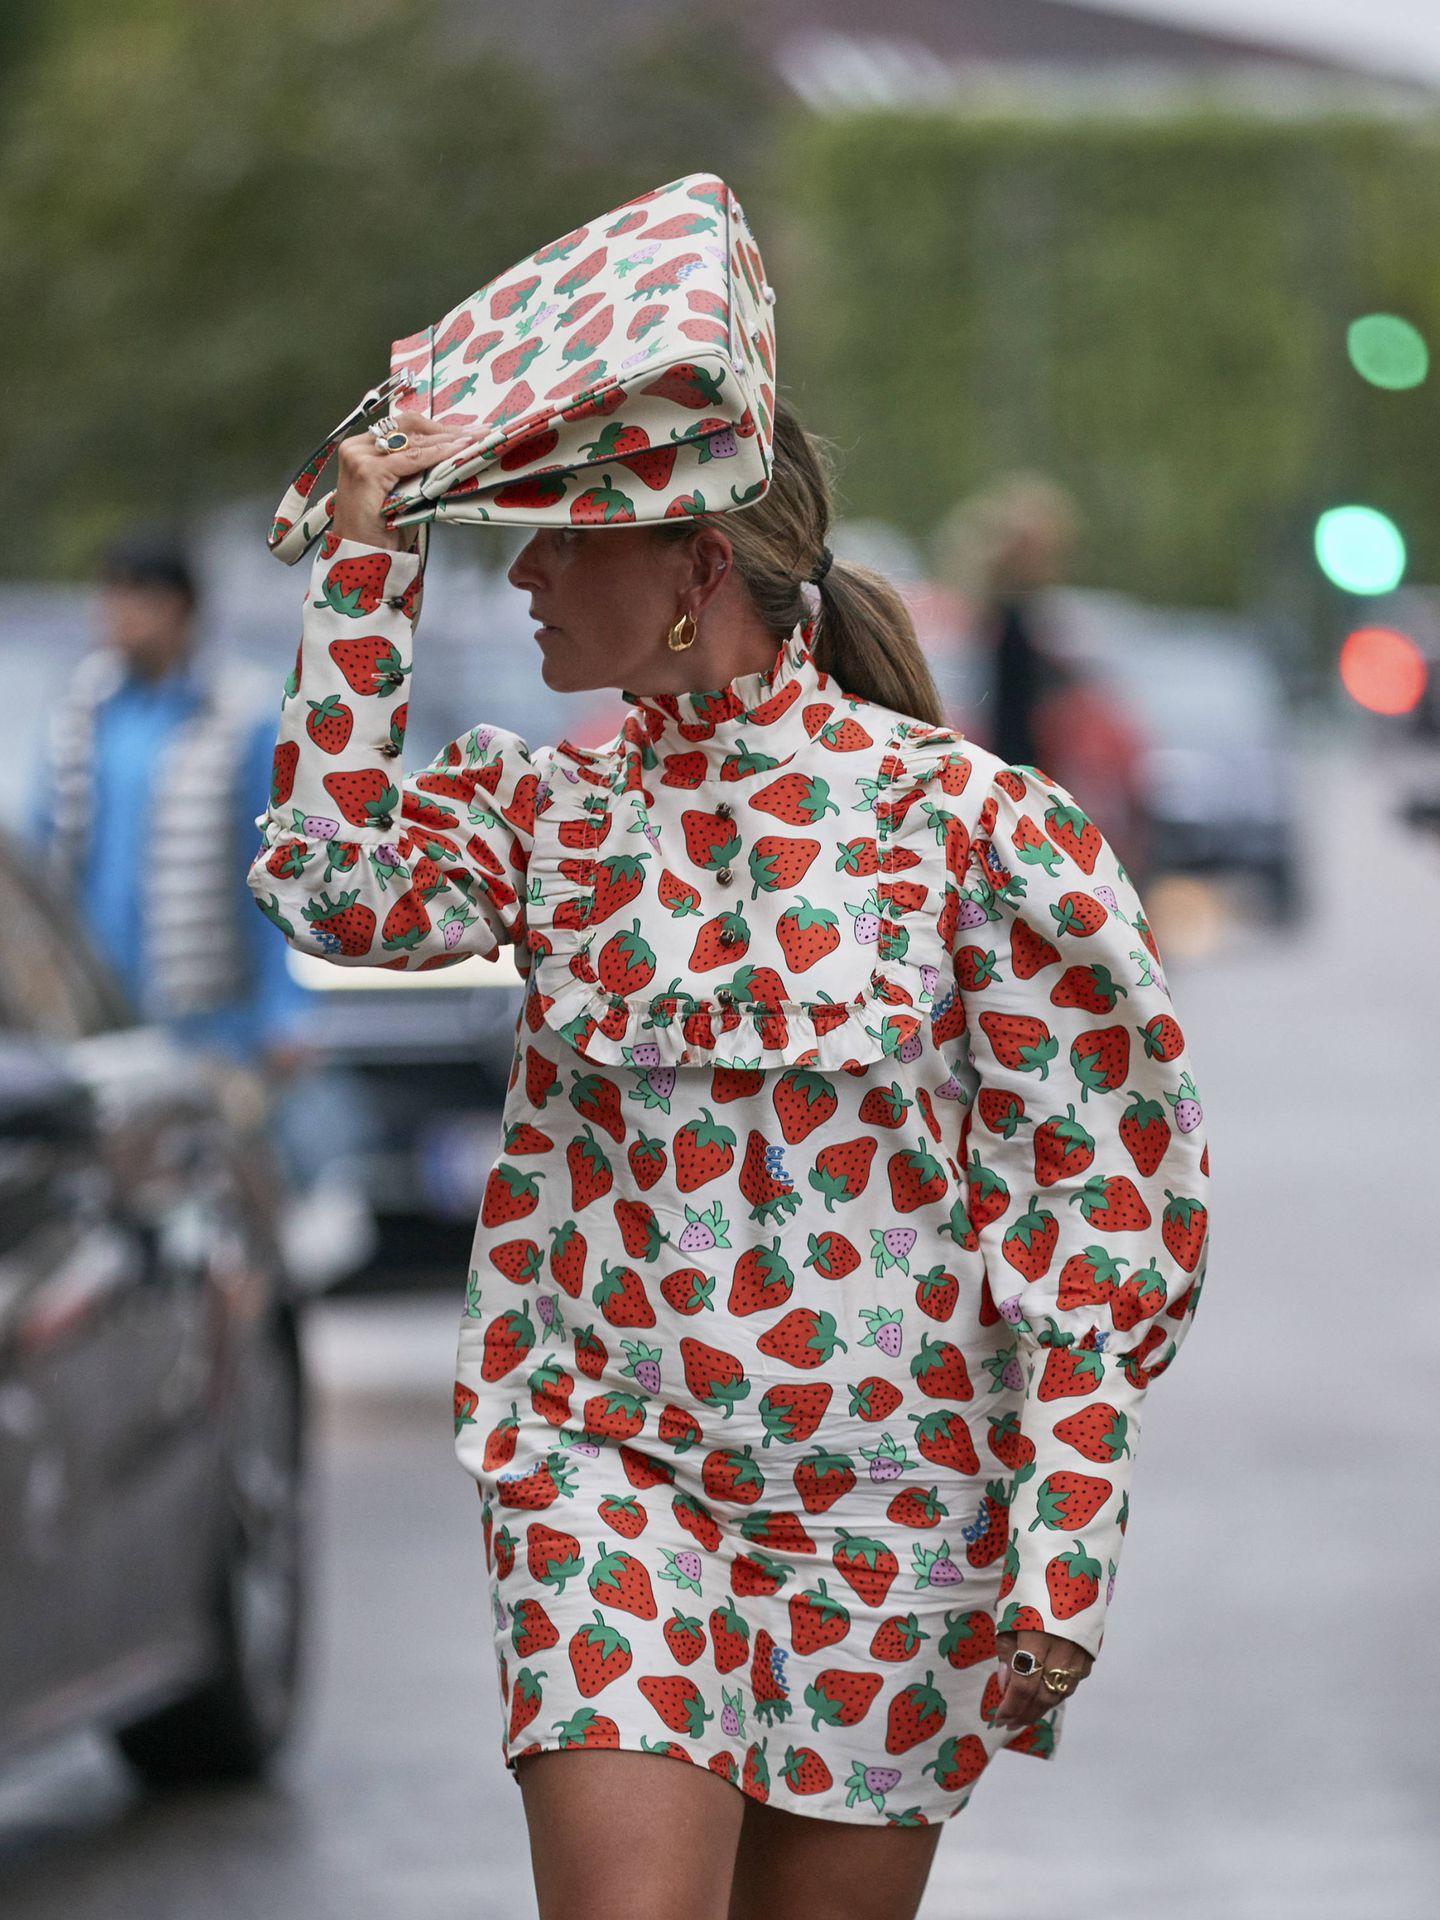 Una influencer con un total look de fresas de Gucci. (Imaxtree)